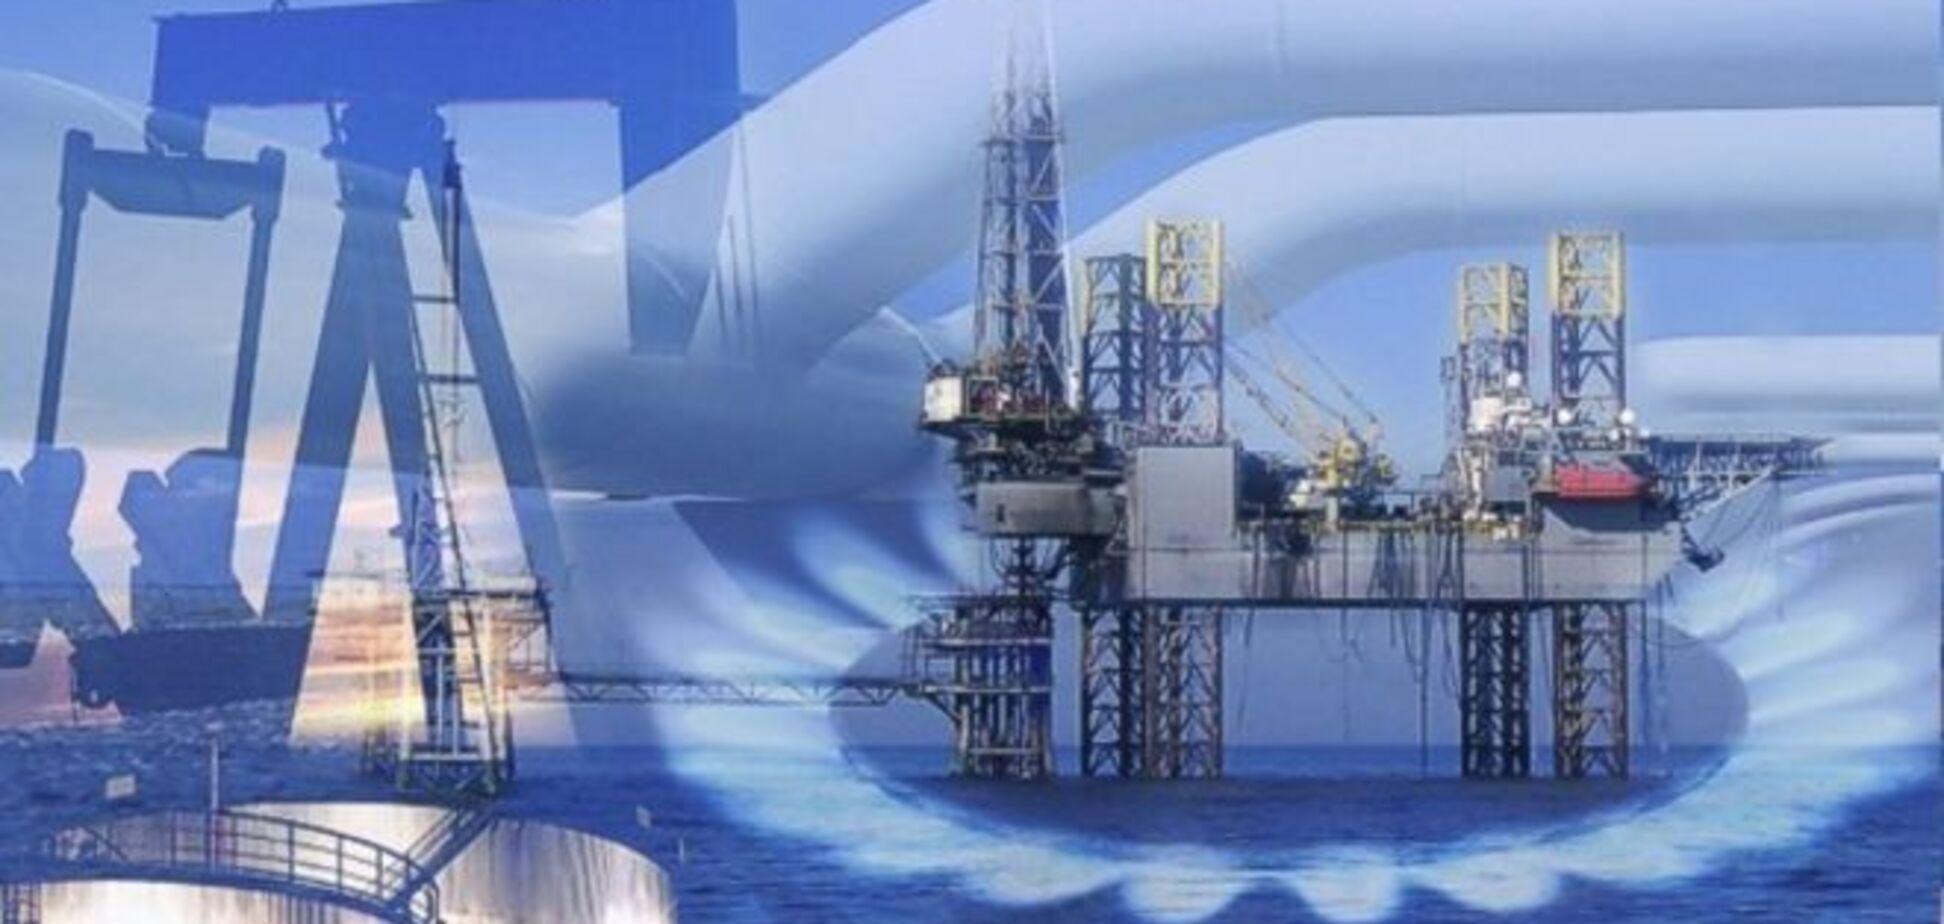 Експерт: Україна не буде енергозалежною, якщо позбавити 'Нафтогаз' статусу монополіста